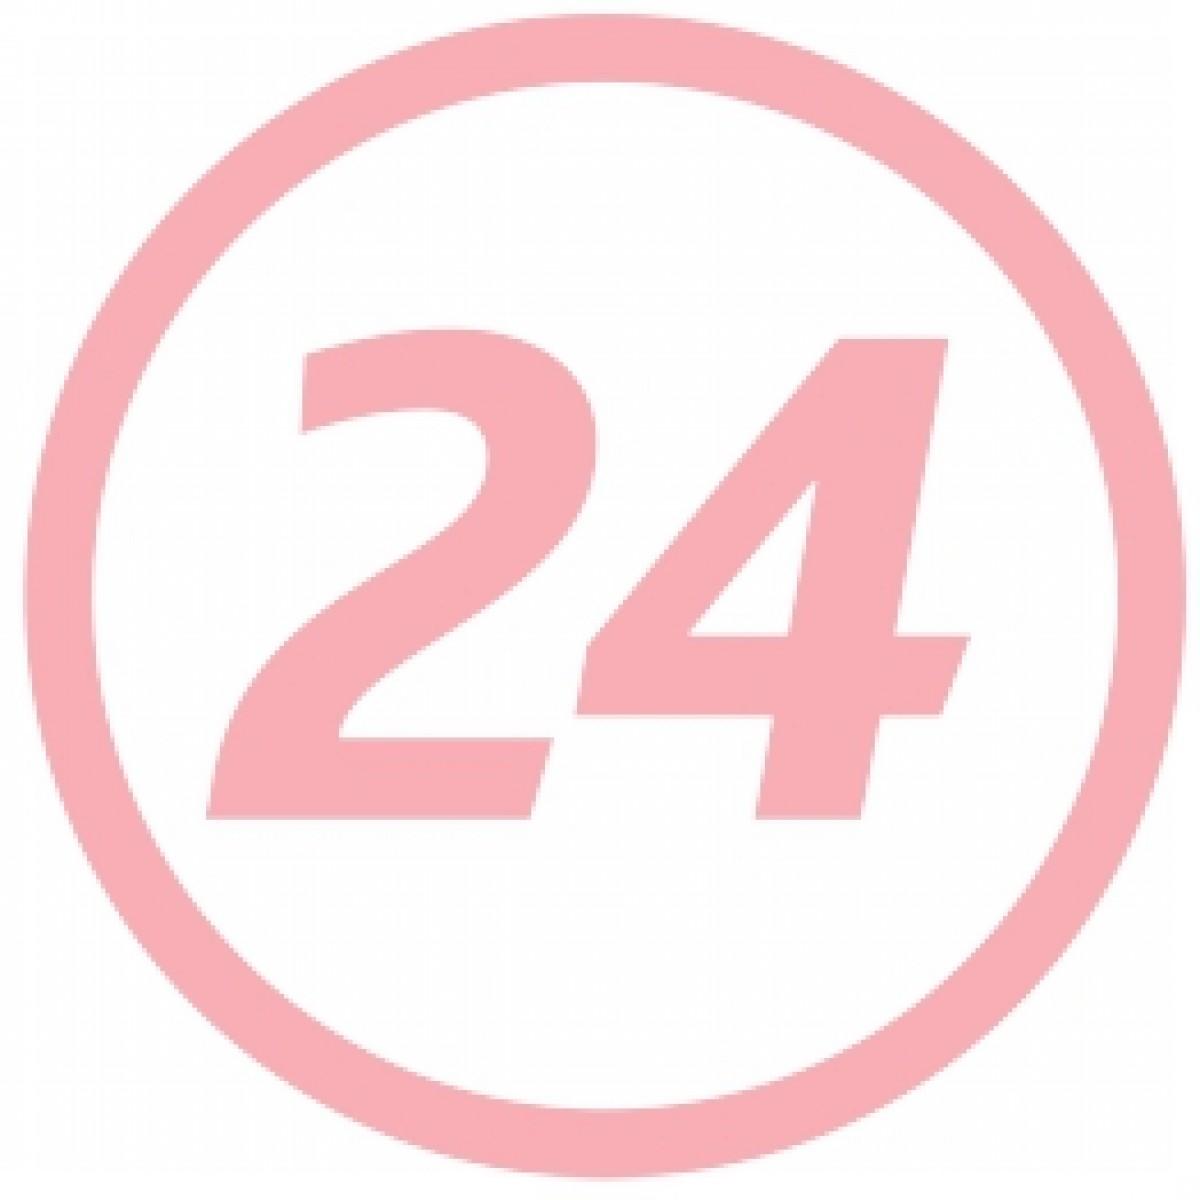 Humana Electrolit Fenicul Saruri Rehidratare Orala, Folie Cu 2 x 6.25 gr, Pulbere, Folie cu 2 x 6.25 gr